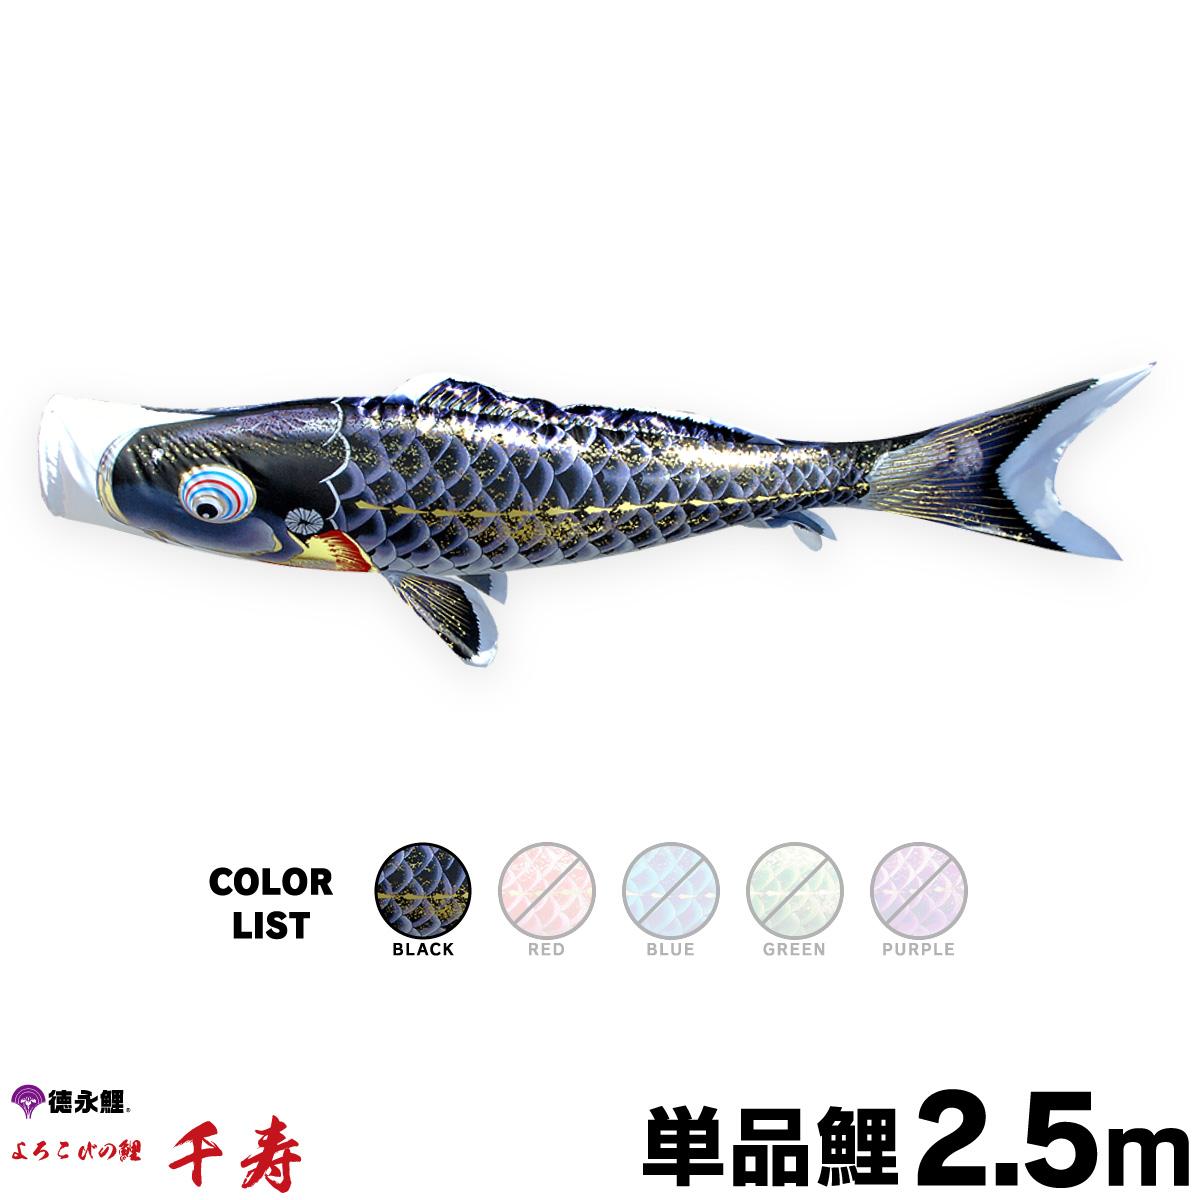 【こいのぼり 単品】 千寿 2.5m 単品鯉 黒